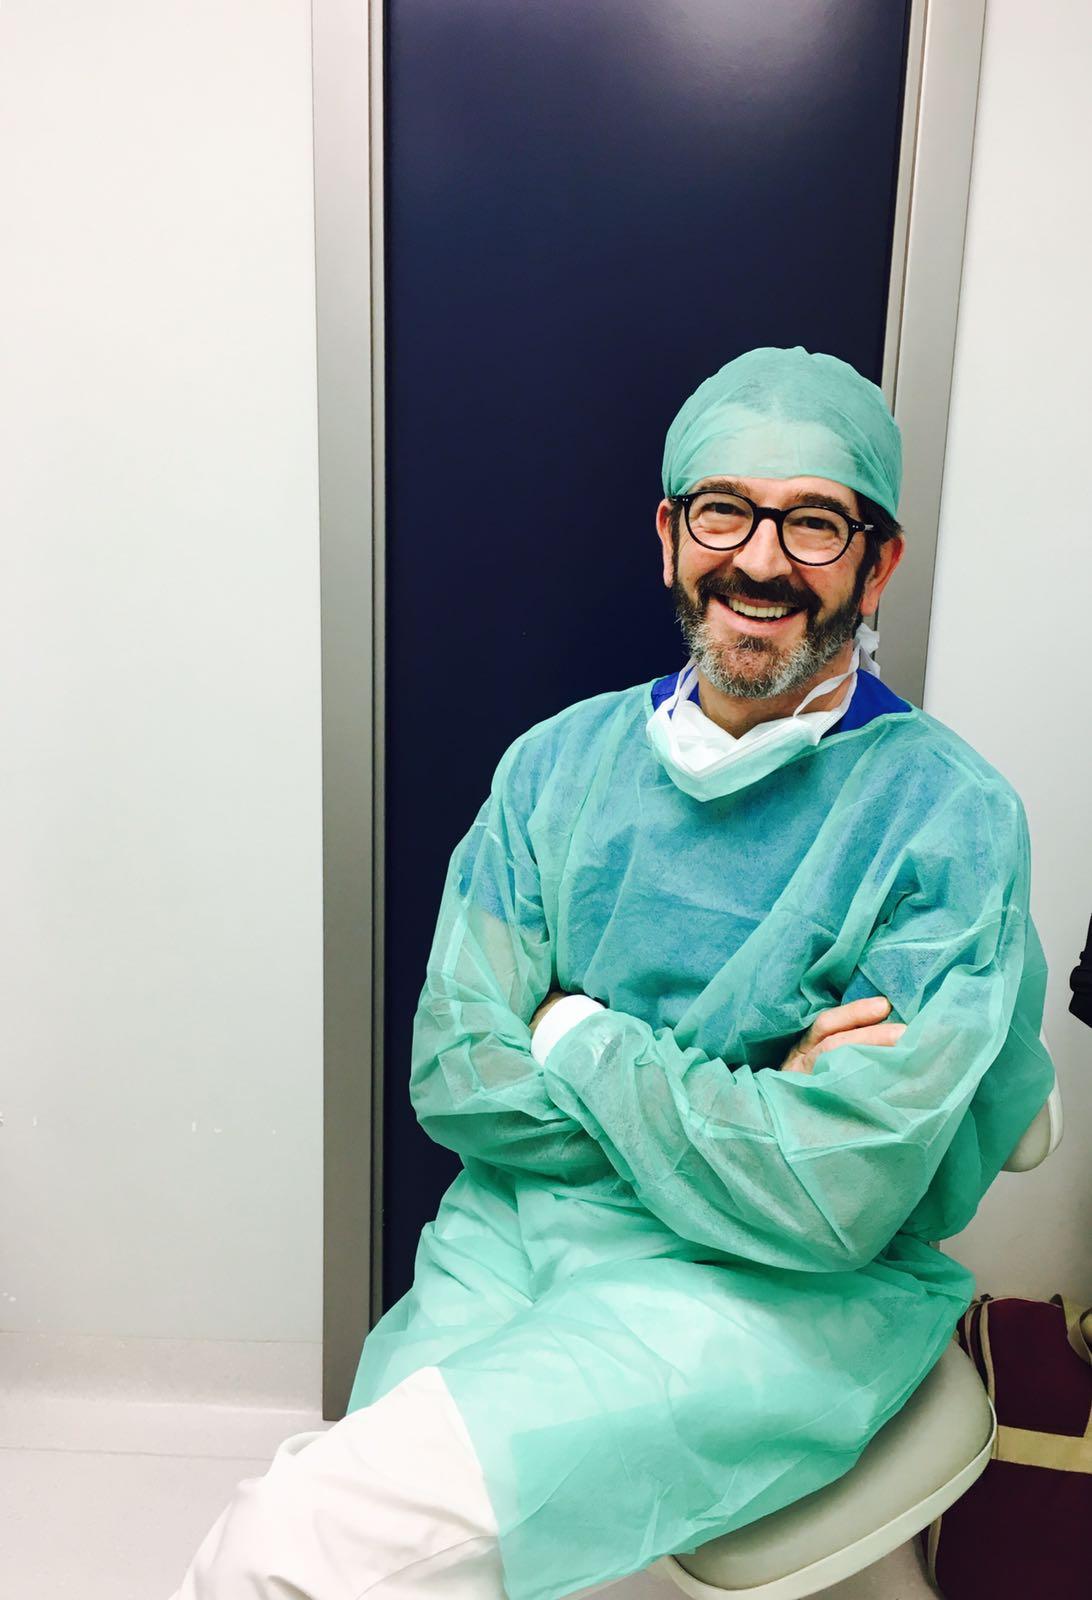 Dr. Botti Mario